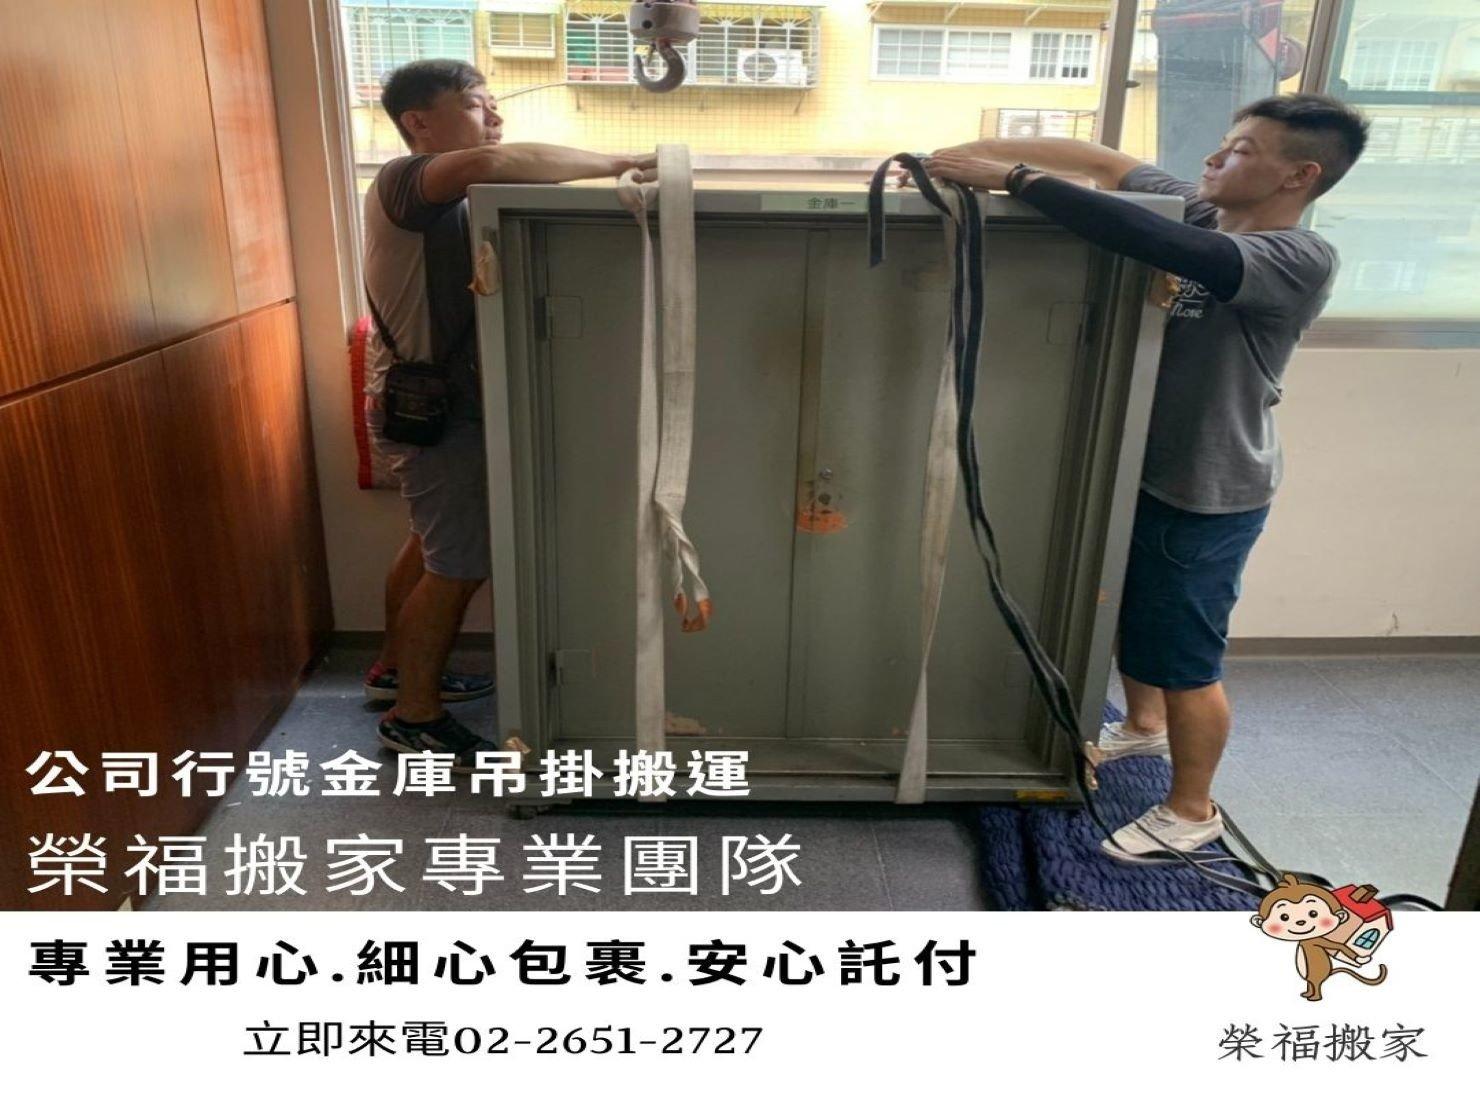 【重物搬運實錄】公司行號搬遷金庫、保險櫃有大有小而且很重,請問有專業搬金庫師傅嗎?